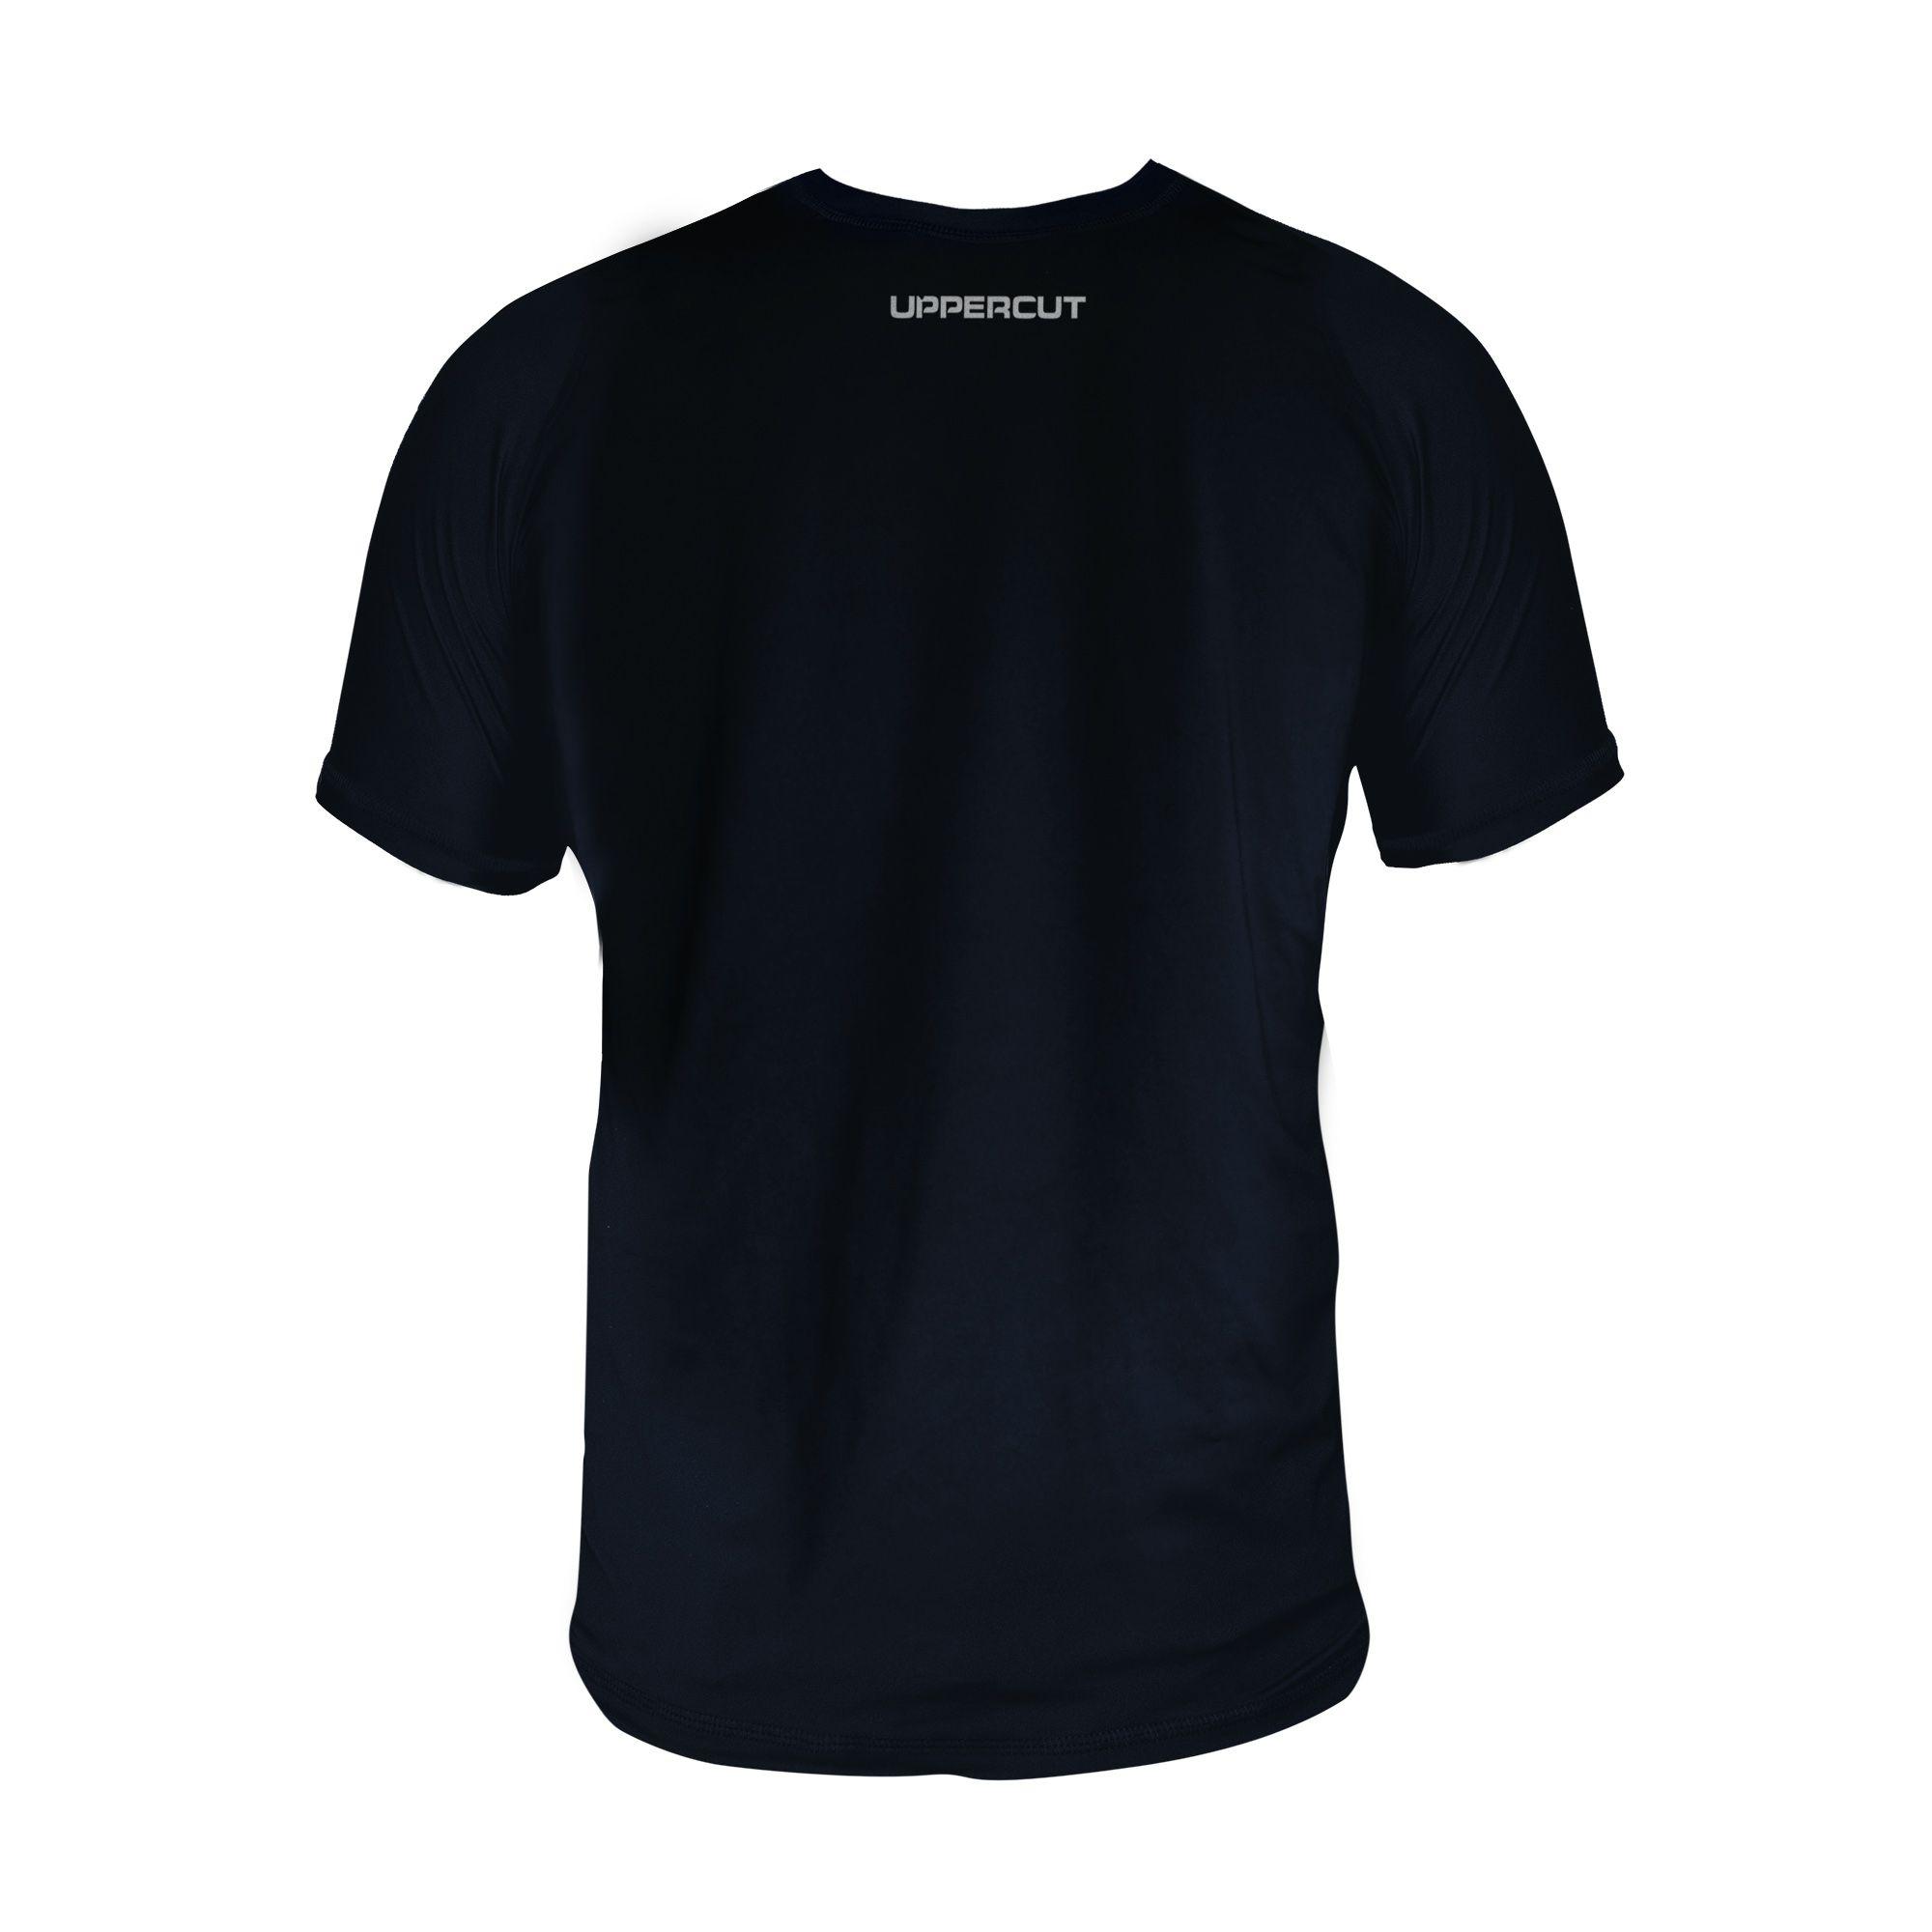 Camiseta Jiu Jitsu Leg Lock - Treino Dry Fit UV-50+ - Preta